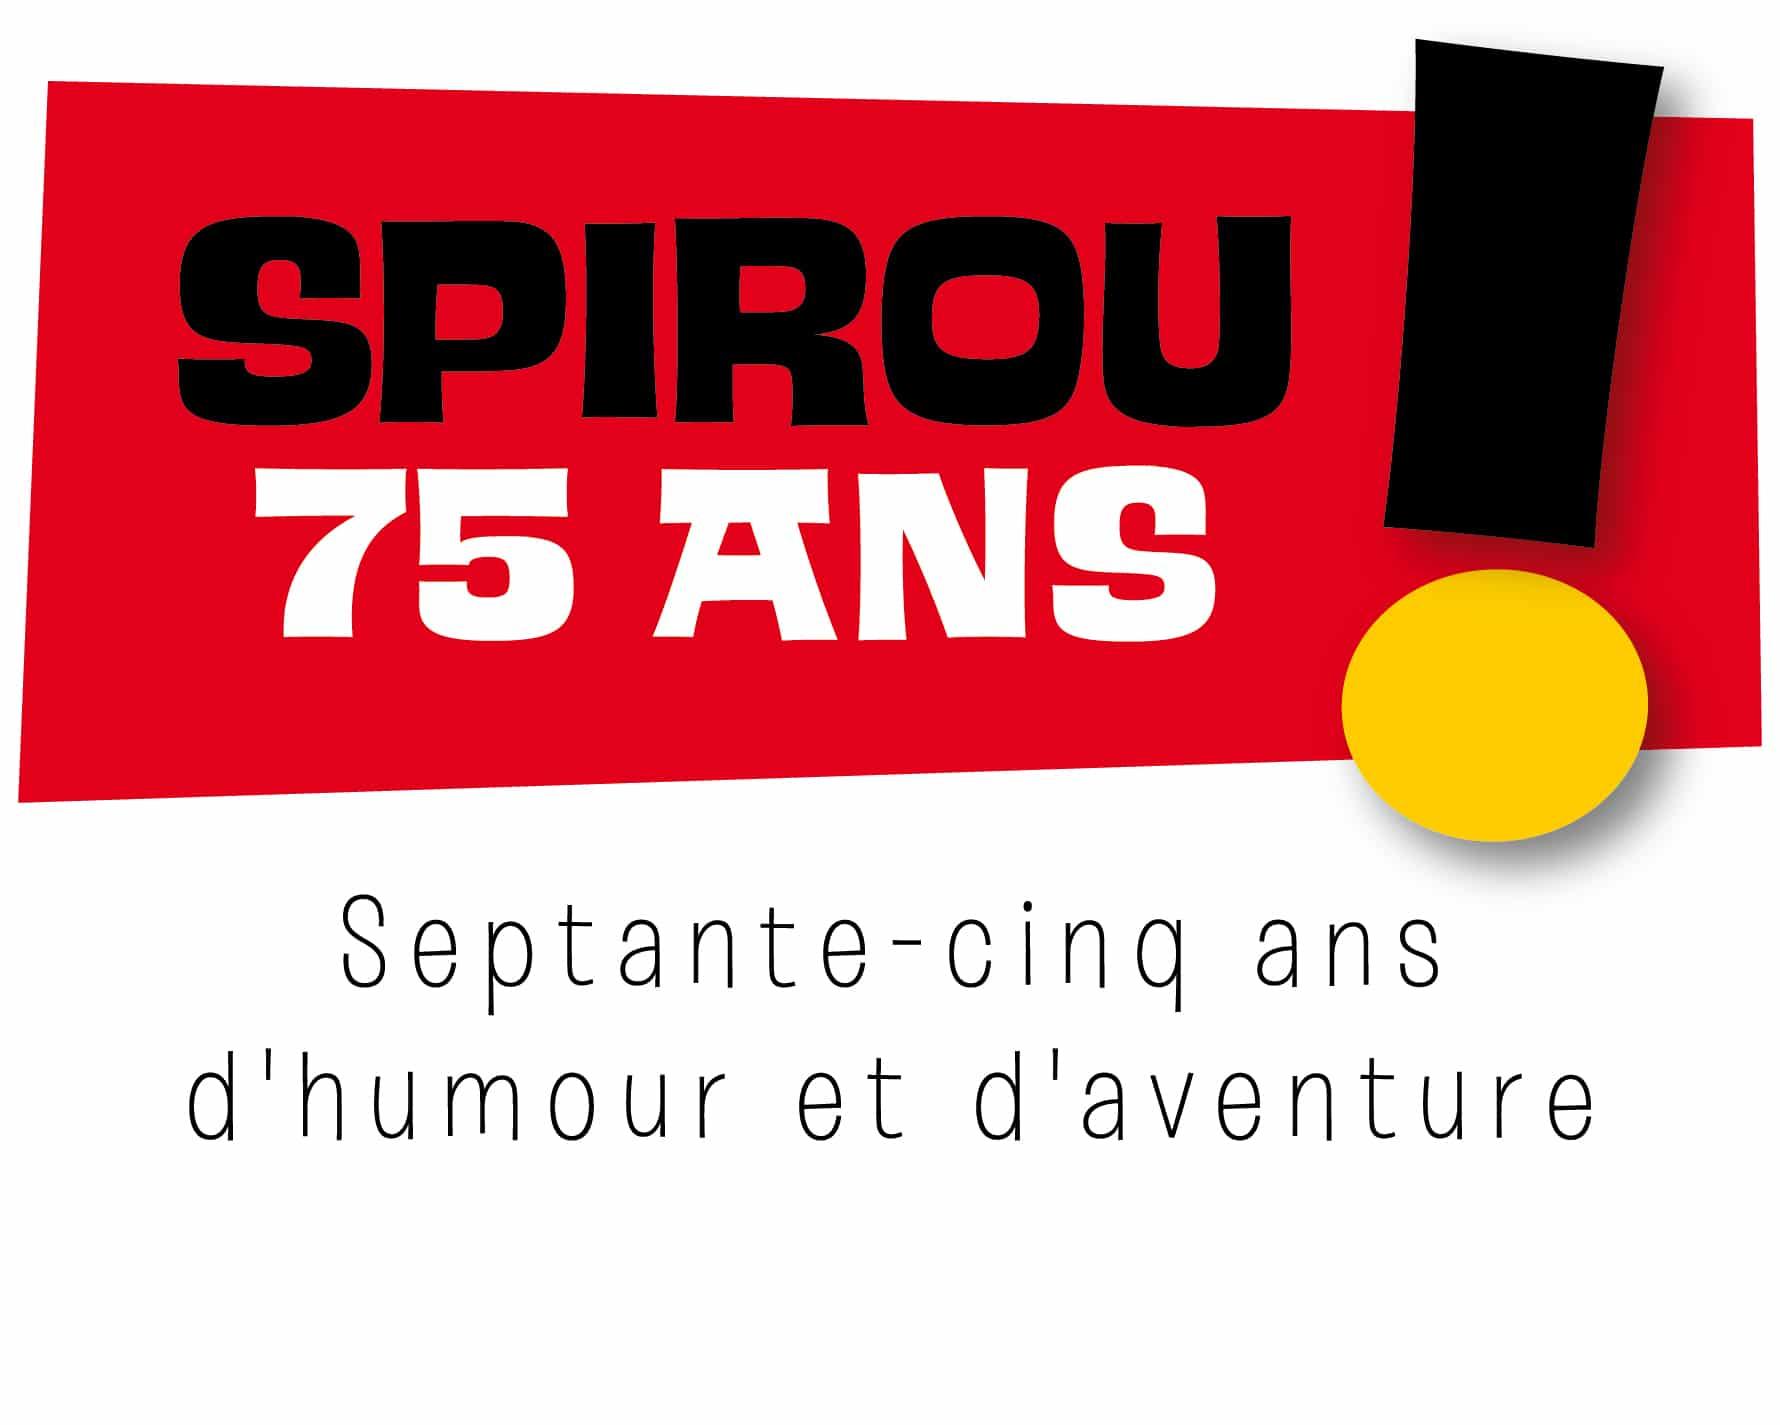 Spirou Tour c'est pour bientôt : arrivée à Montpellier ce samedi 27 juillet